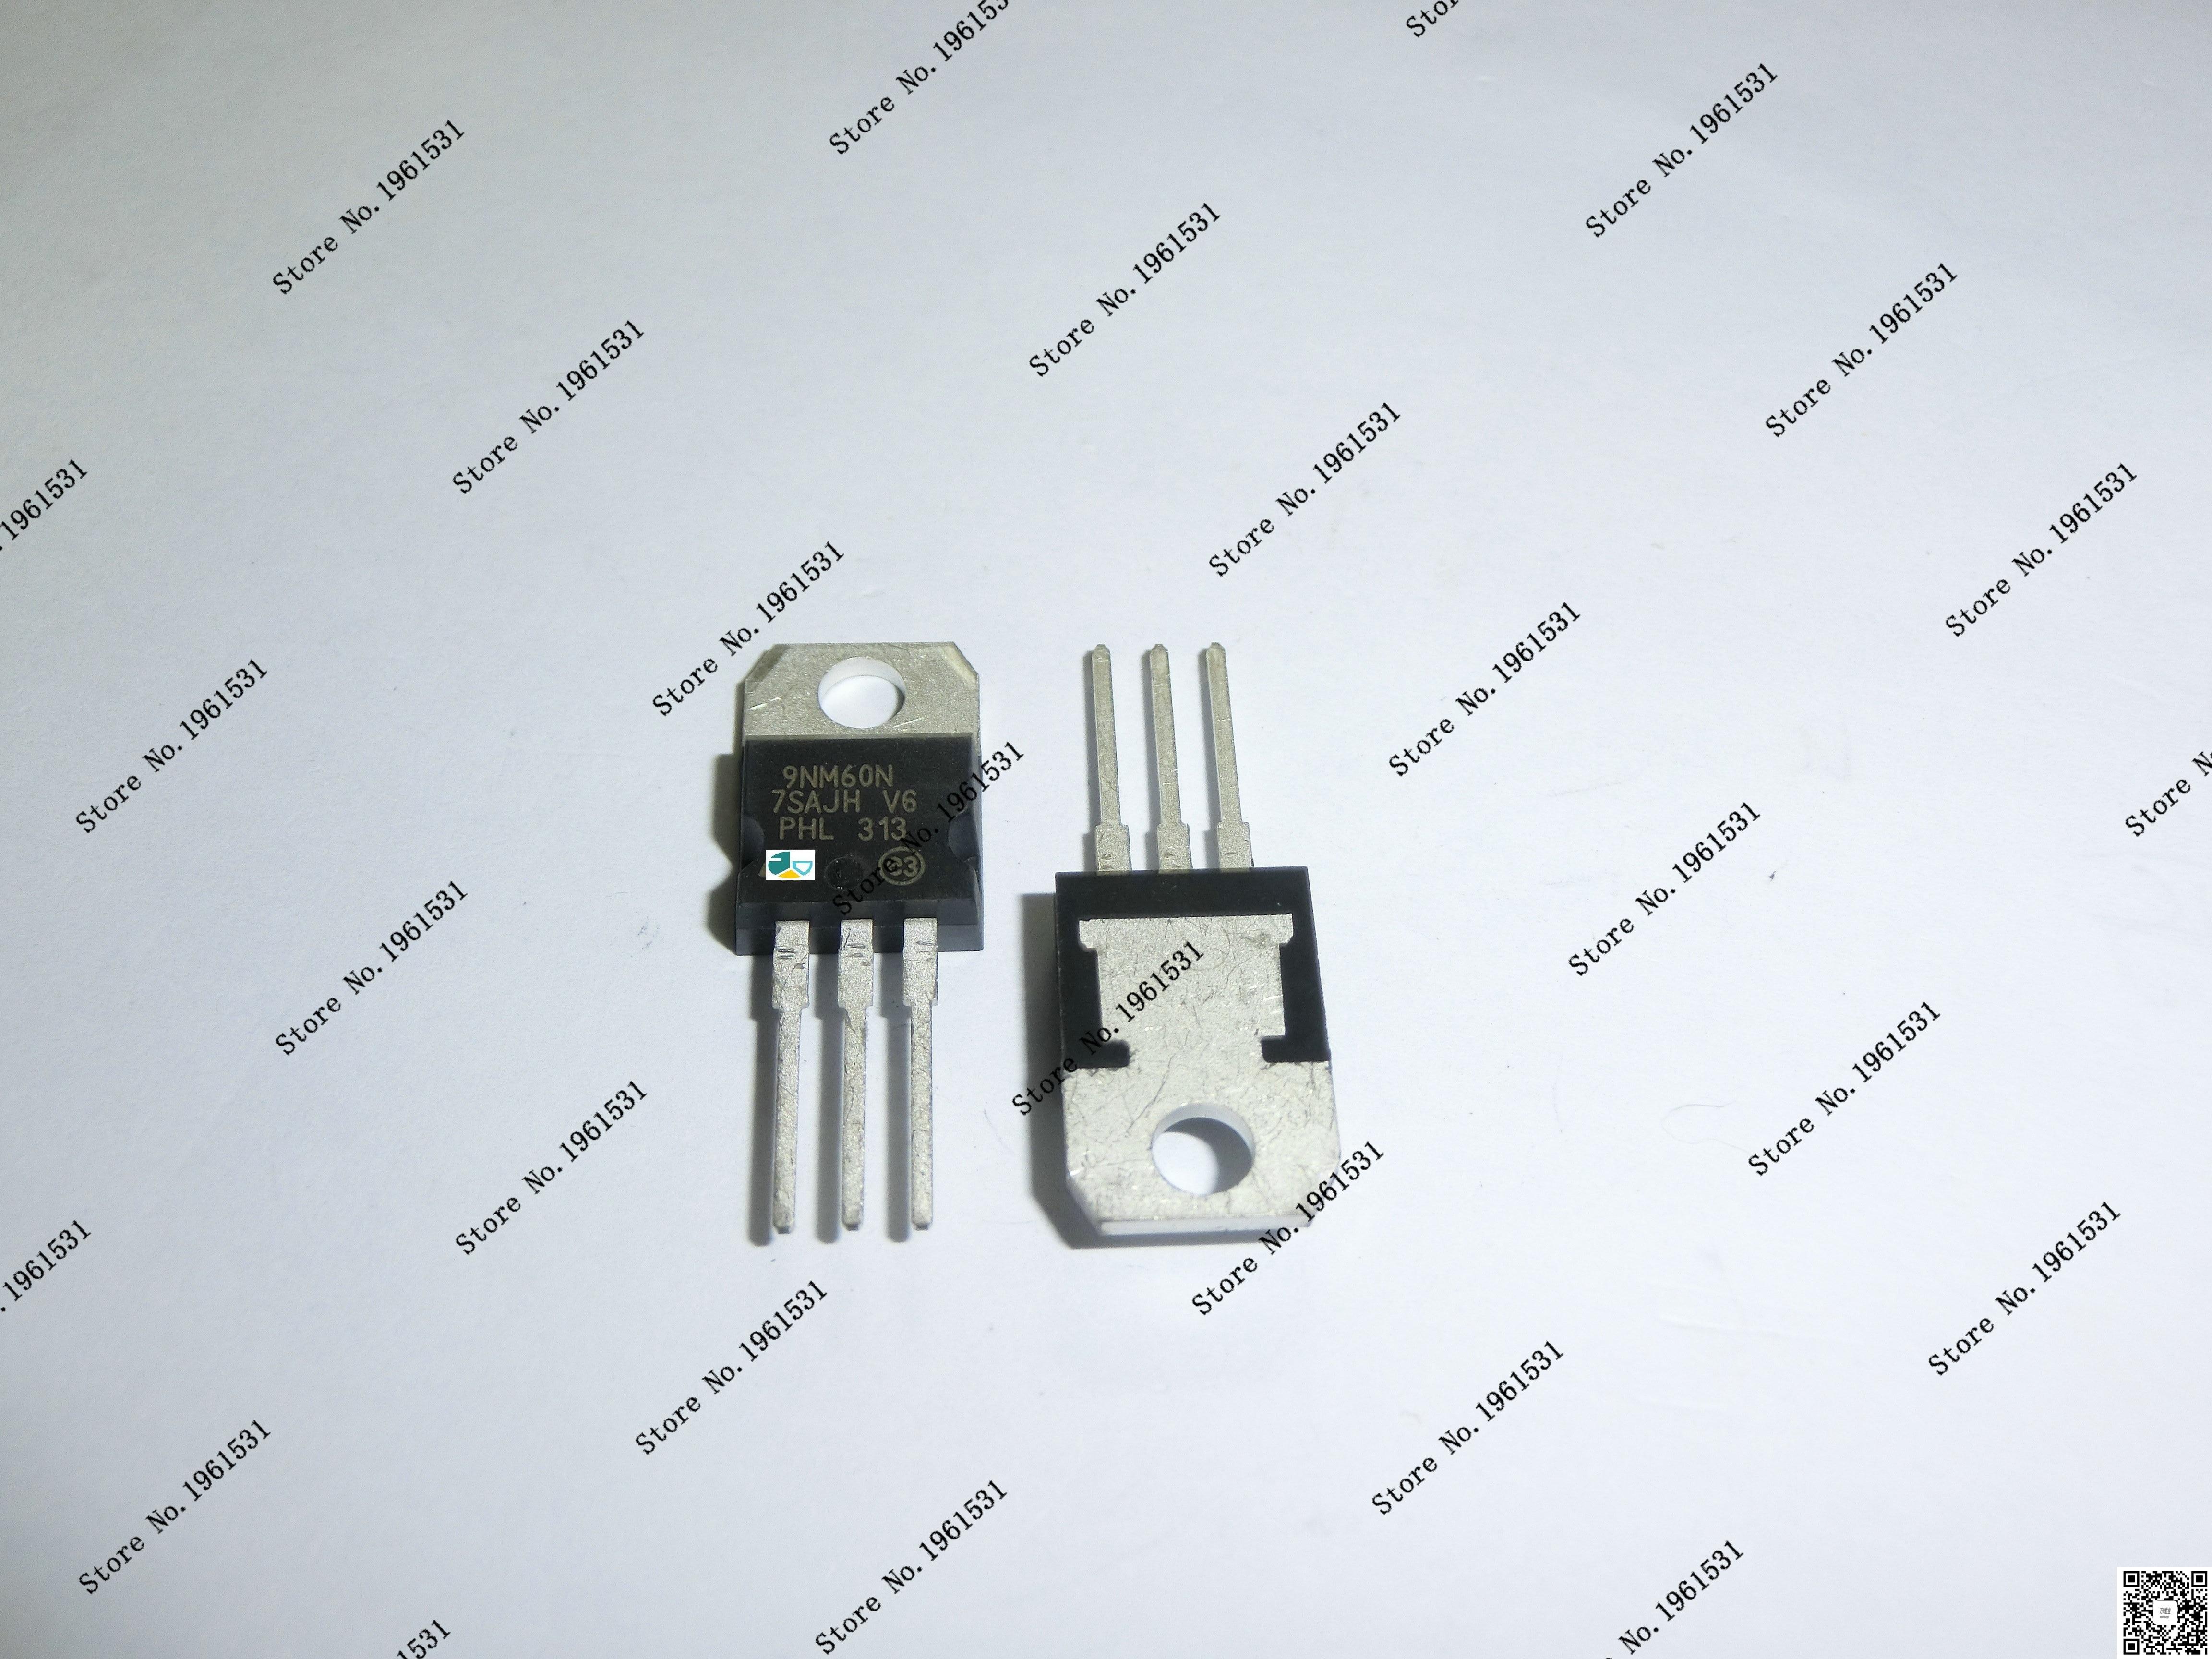 Цена STP9NM60N